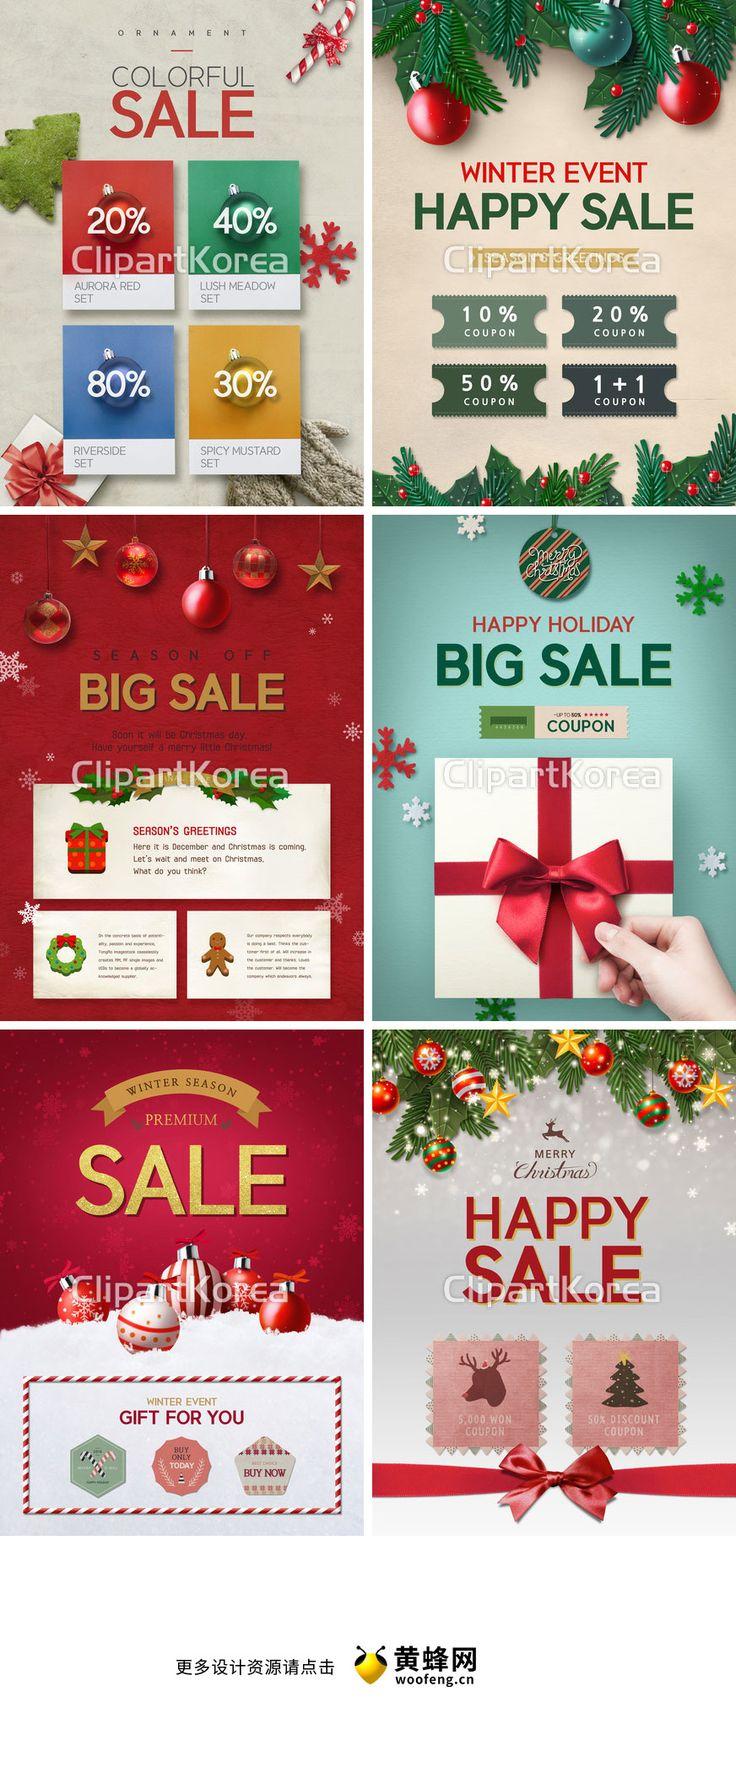 韩国ClipartKorea素材网圣诞节海报banner设计欣赏 更多设计资源尽在黄蜂网http://woofeng.cn/